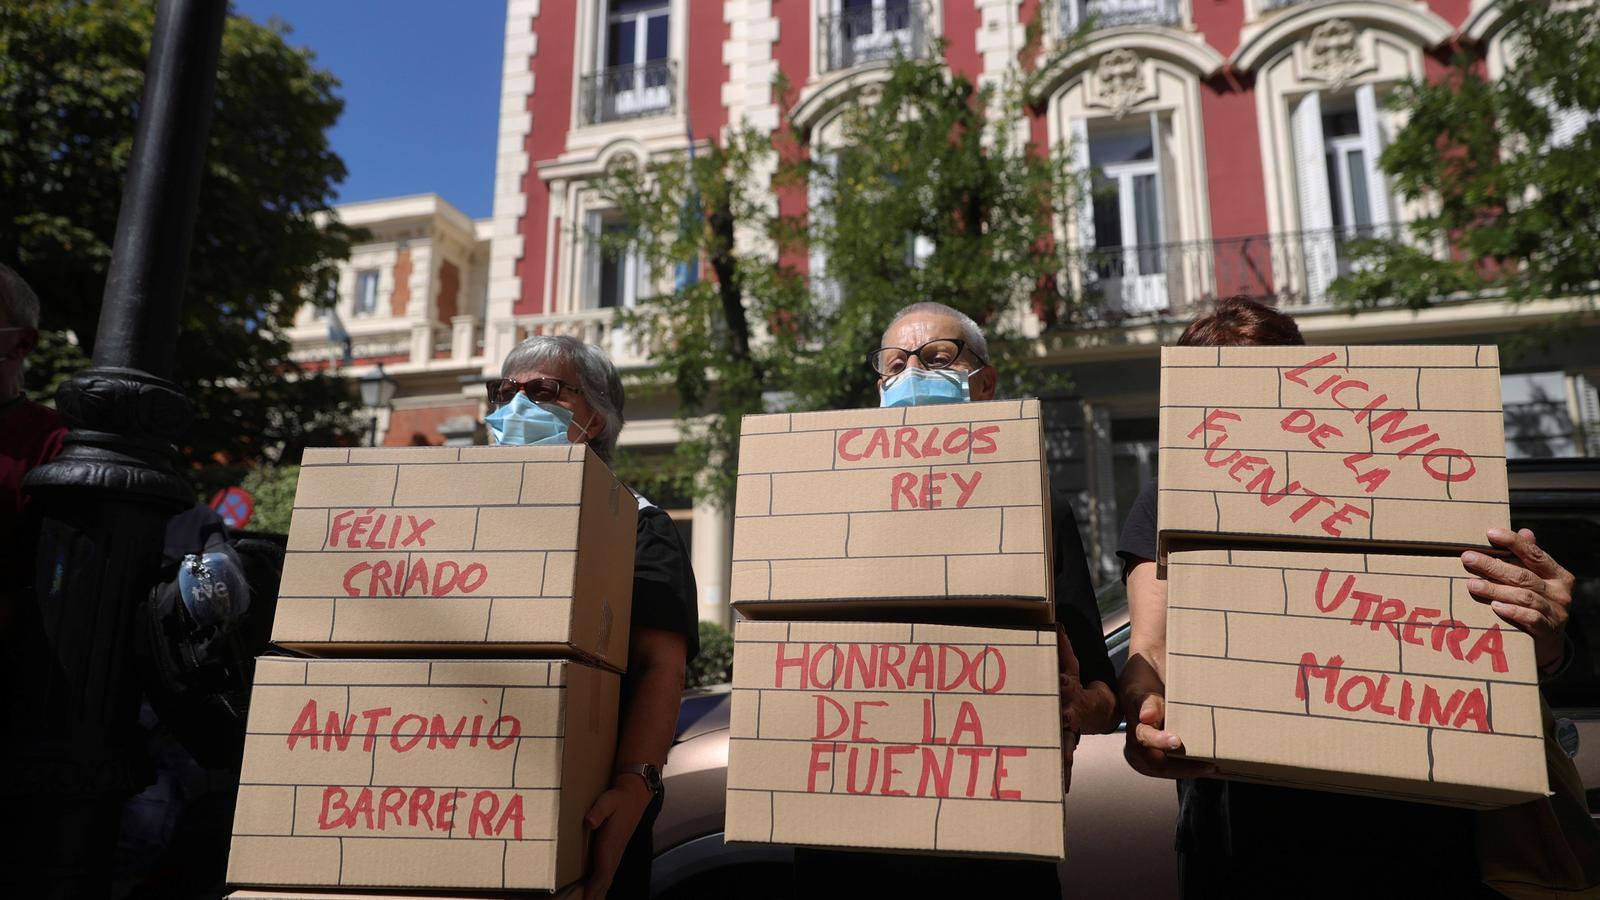 Concentració davant l'ambaixada argentina on declara l'exministre Martín Villa